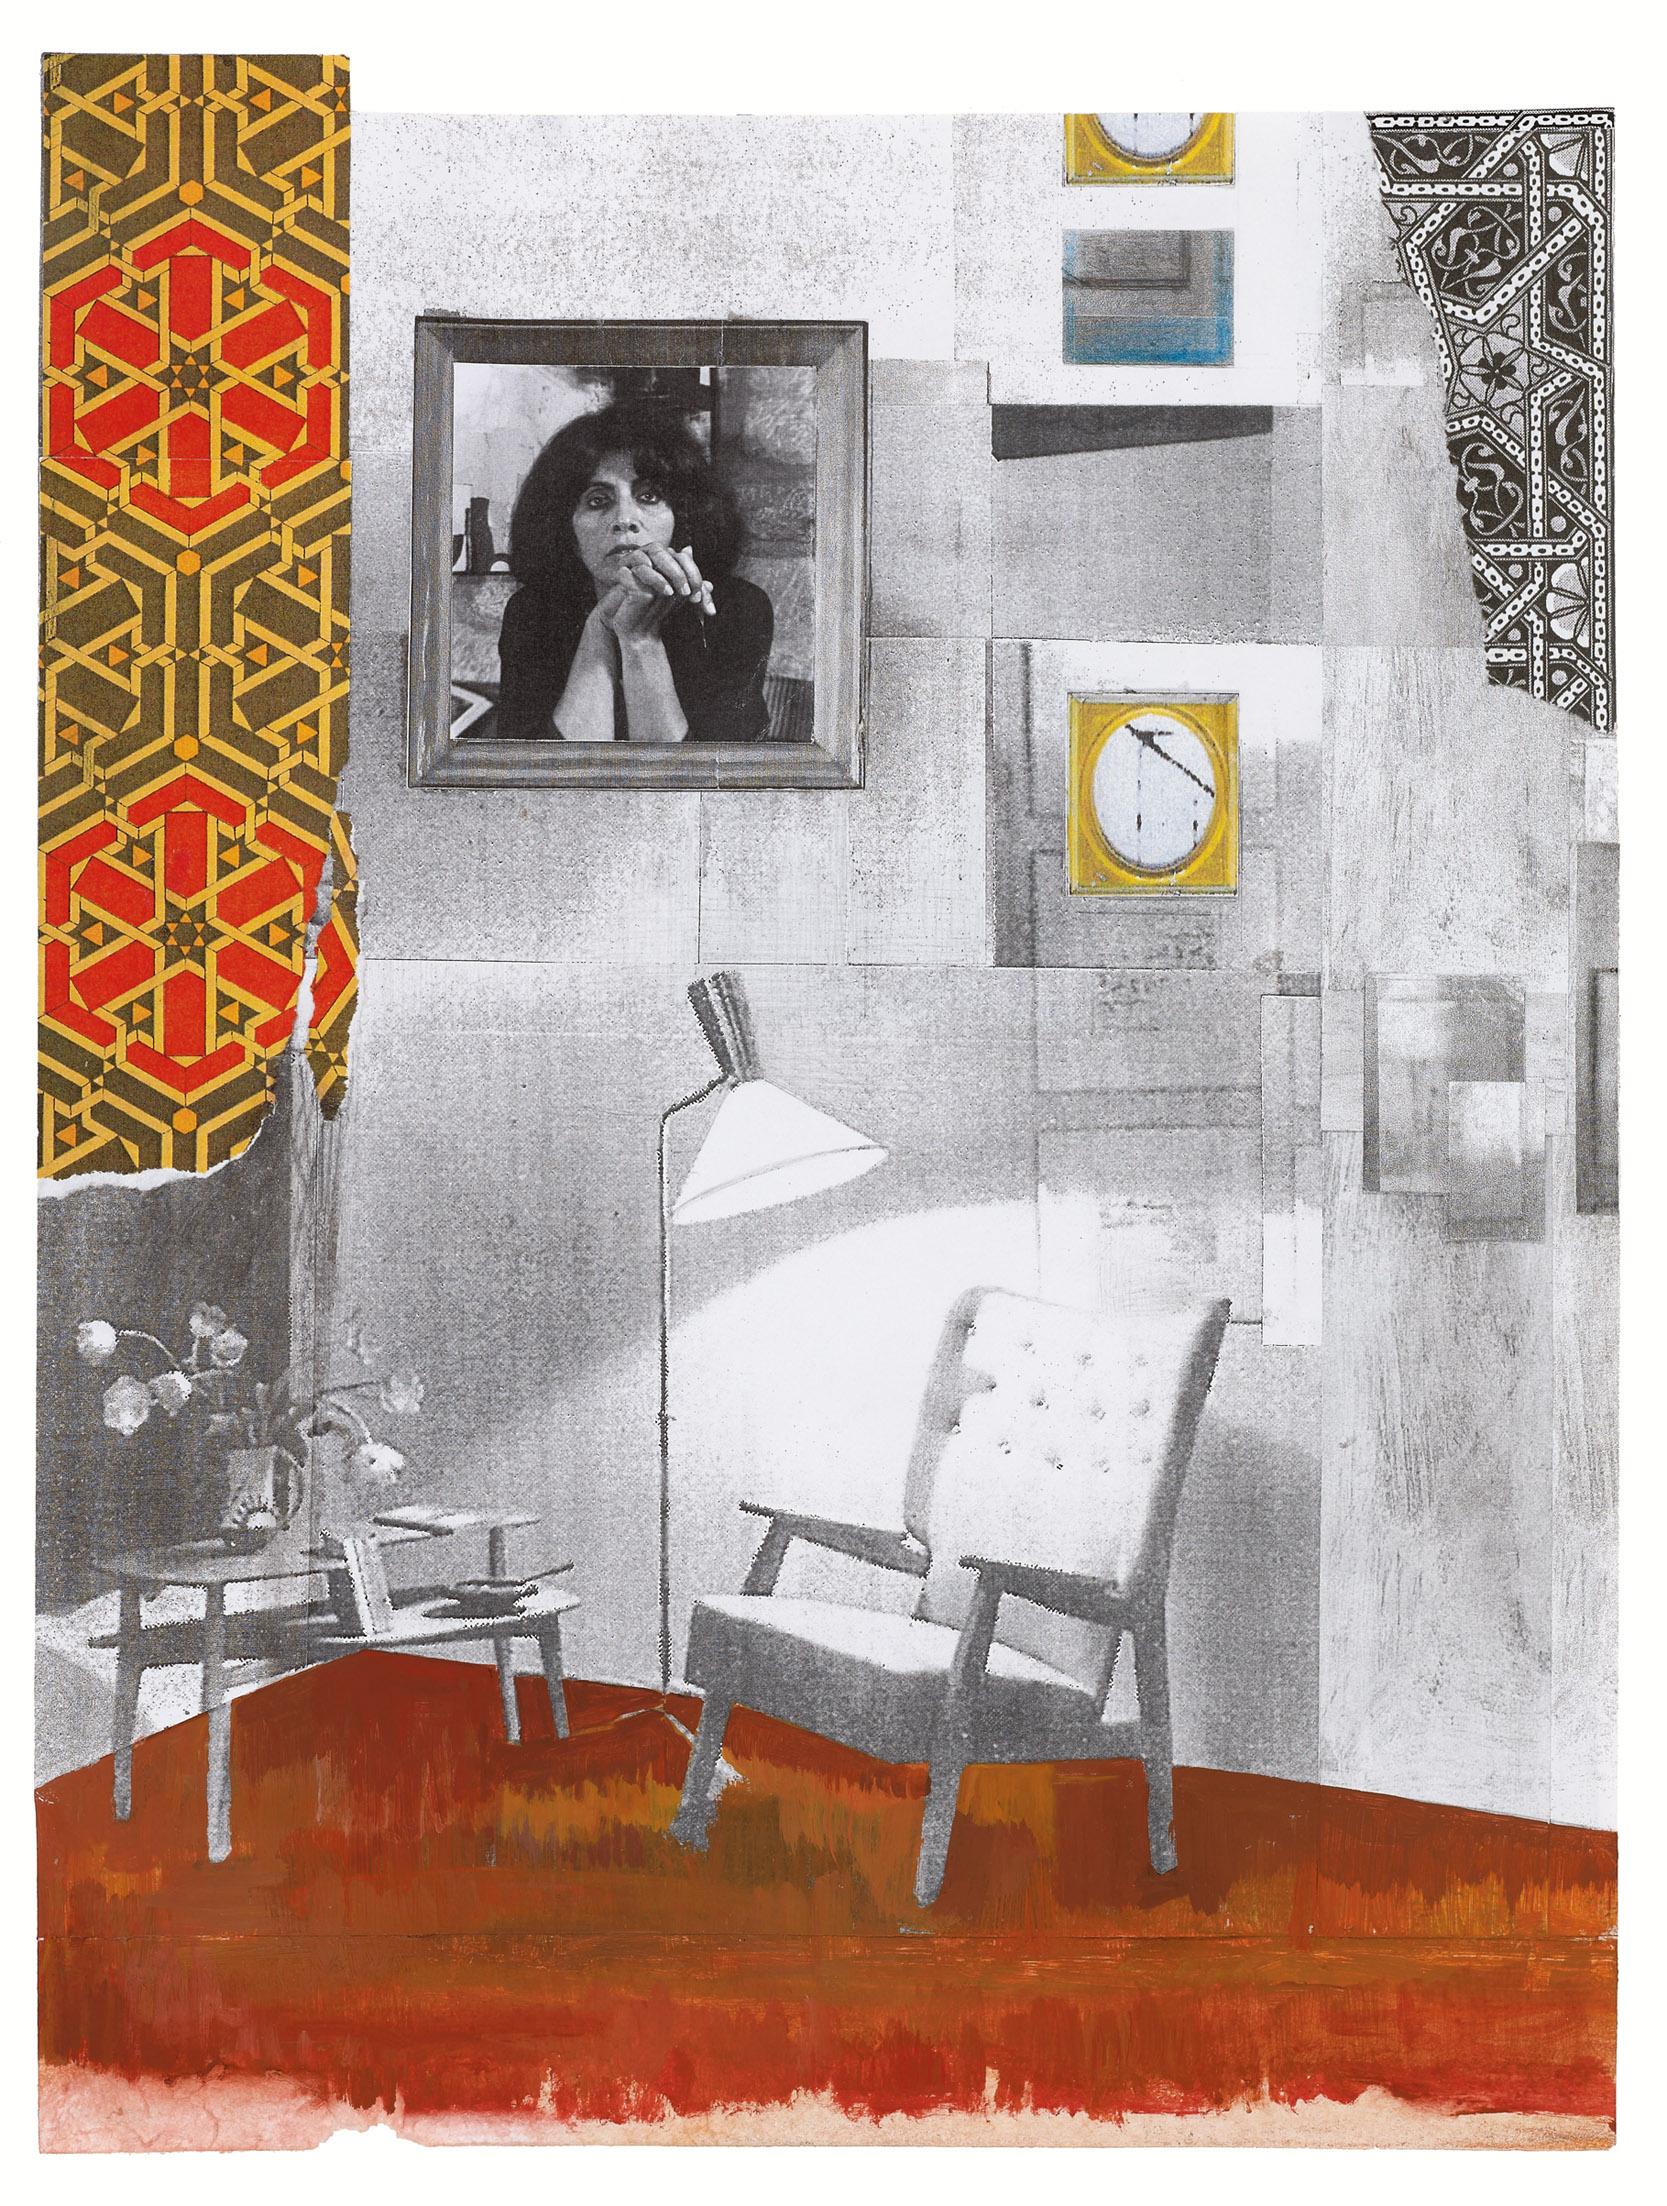 גילה גרינפילד, זמן,                קולאז' על נייר,          35 X 27 cm, 2017